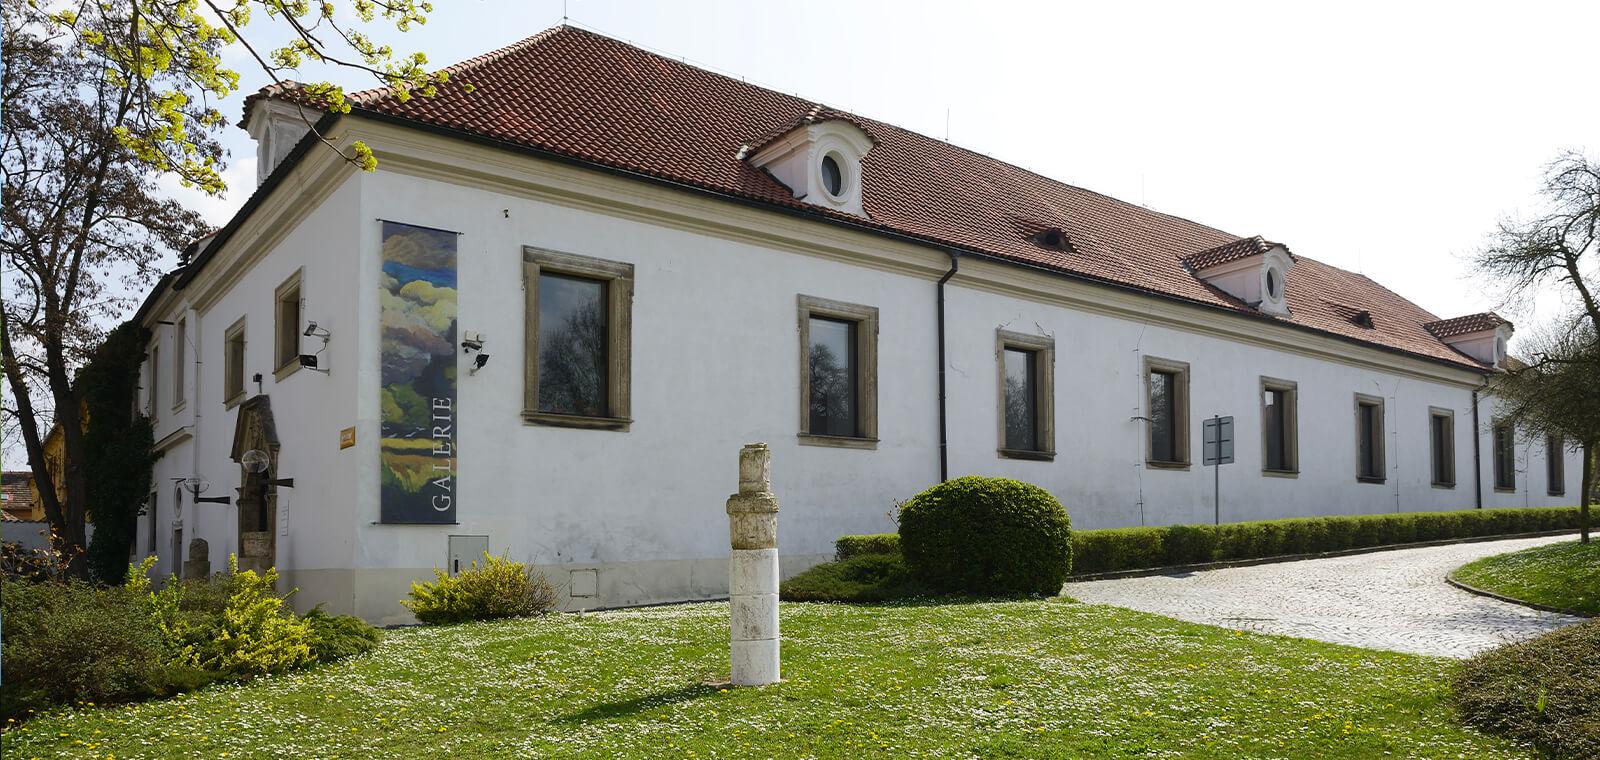 Roudnice-nad-Labem-zamecka-jizdarna-teaser.jpg